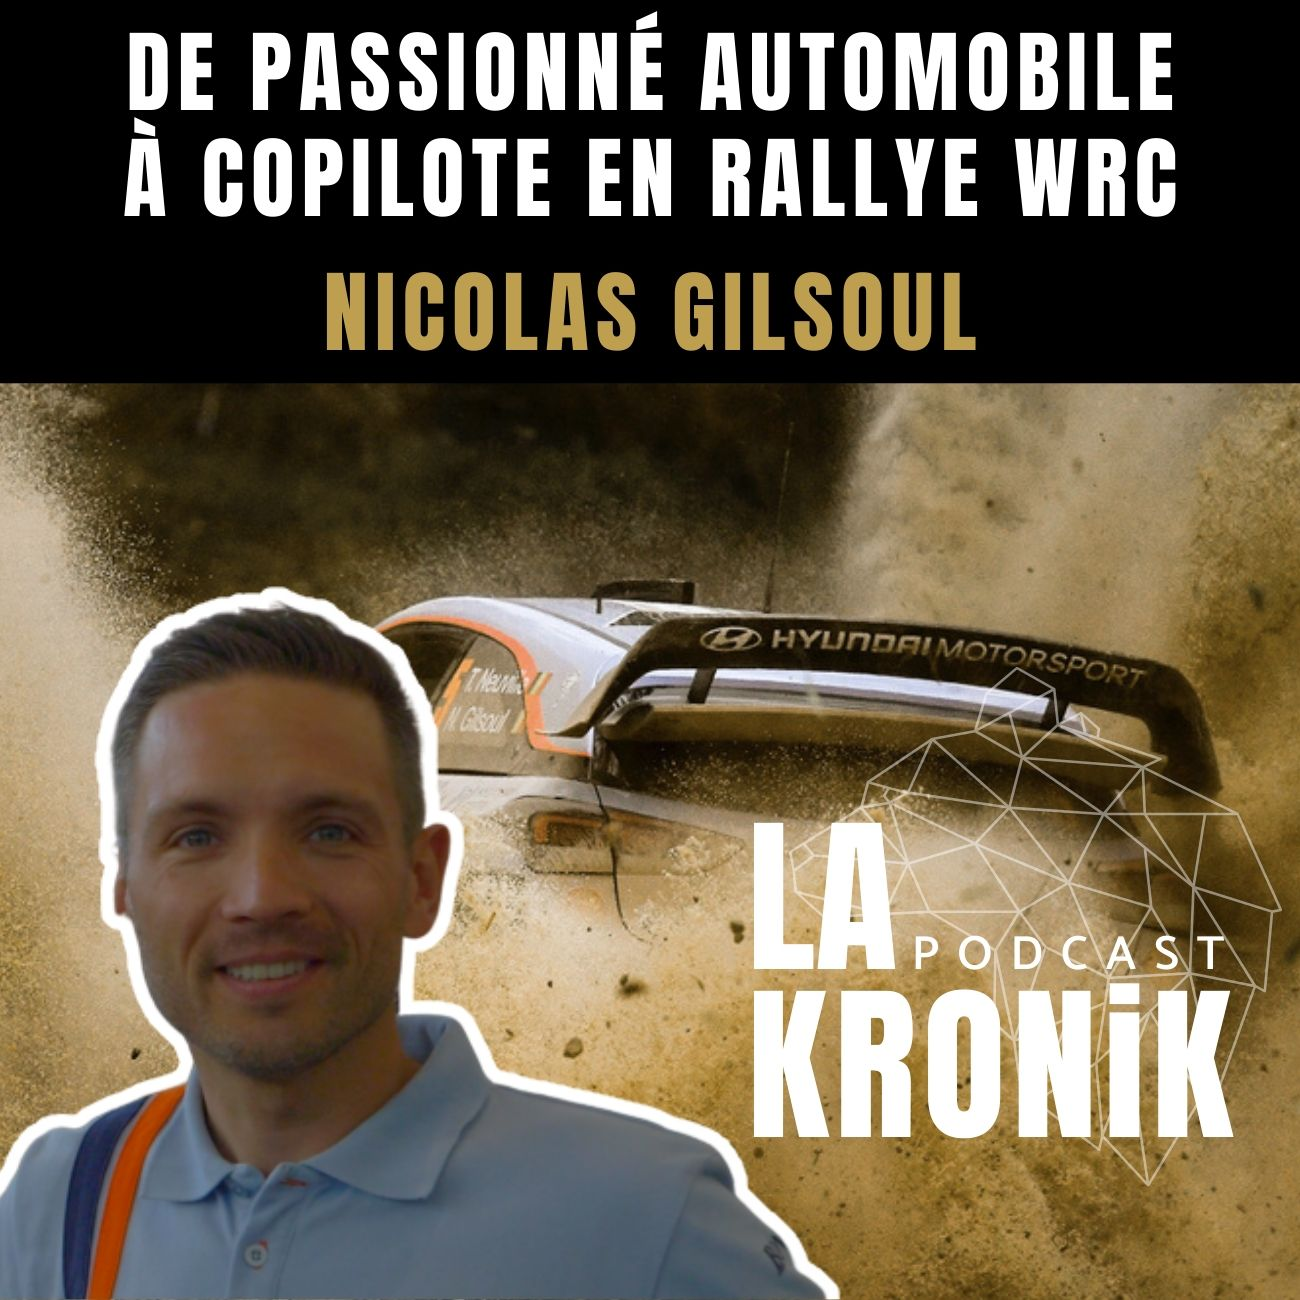 #37 De passionné automobile à copilote en rallye WRC